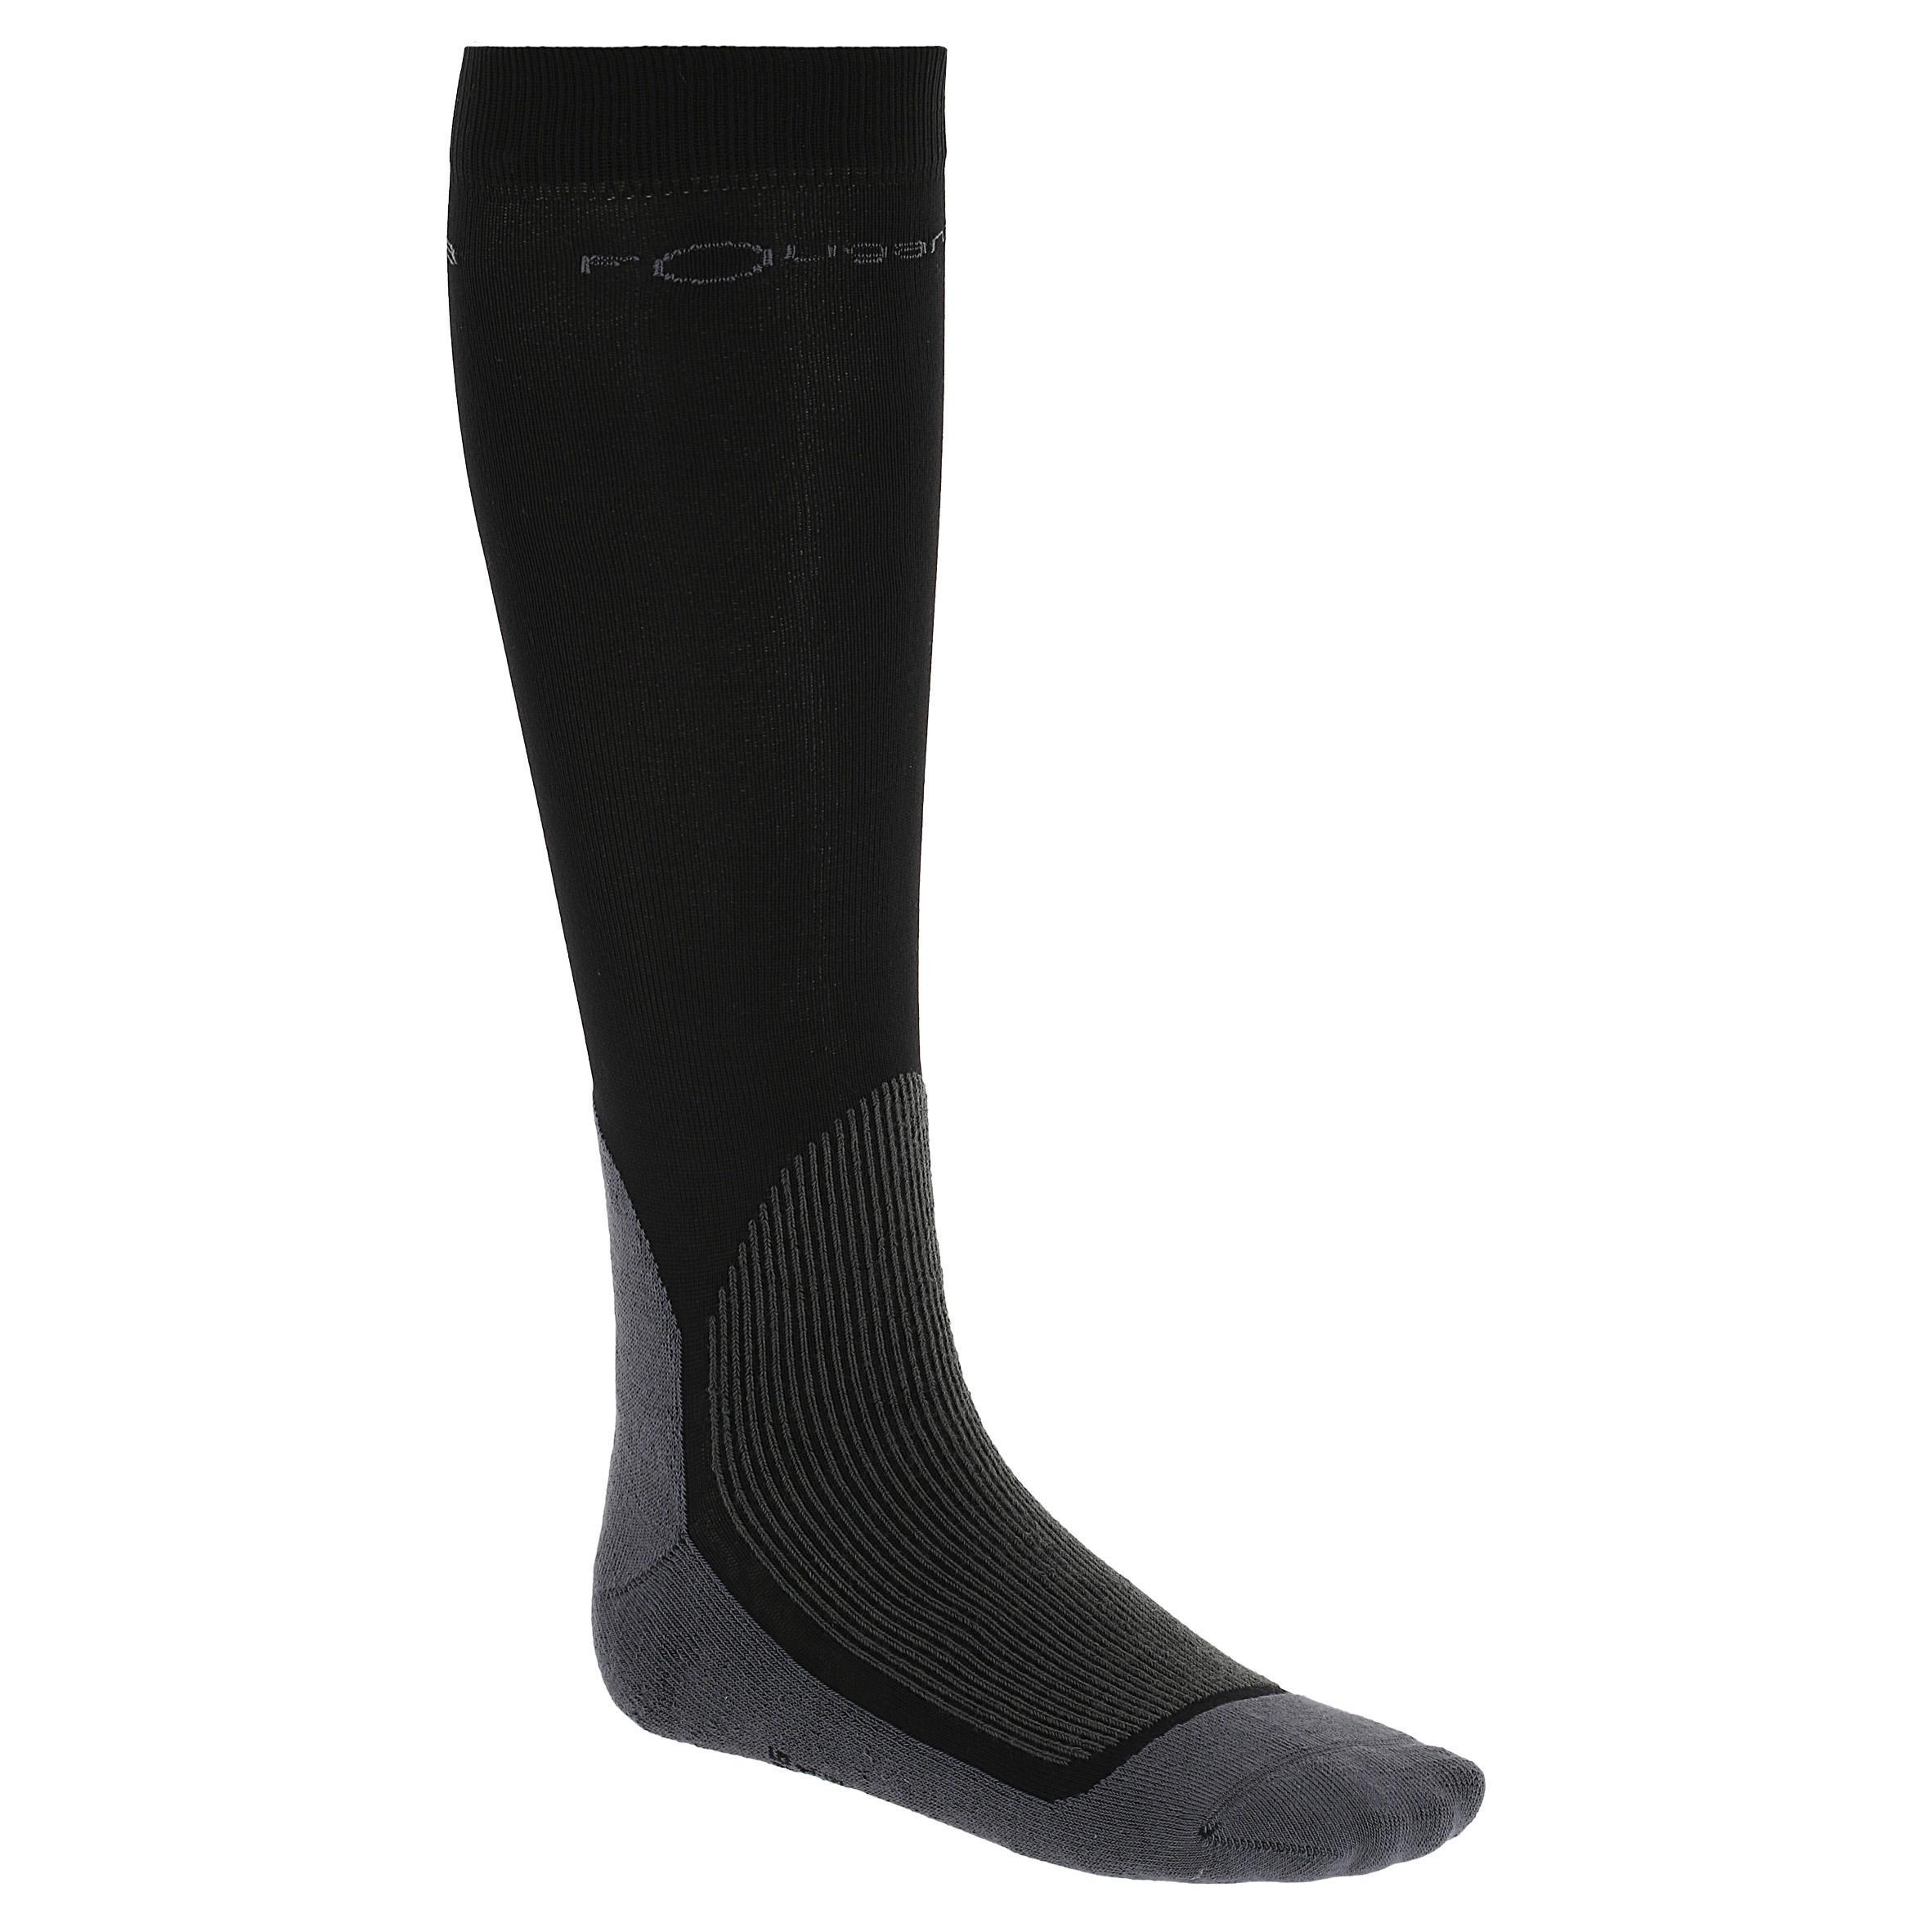 Calcetines de equitación adulto EQUAREA negro x 1 par